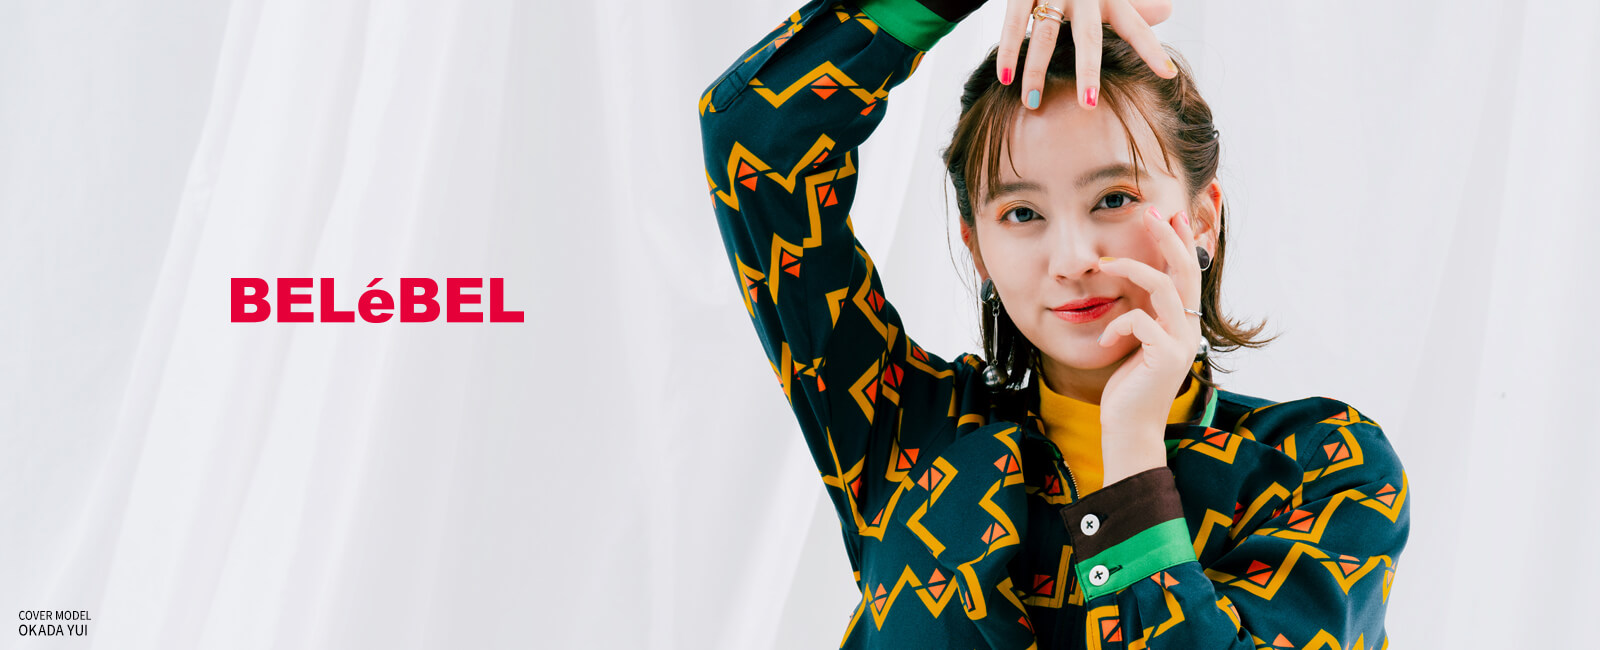 ベルェベル